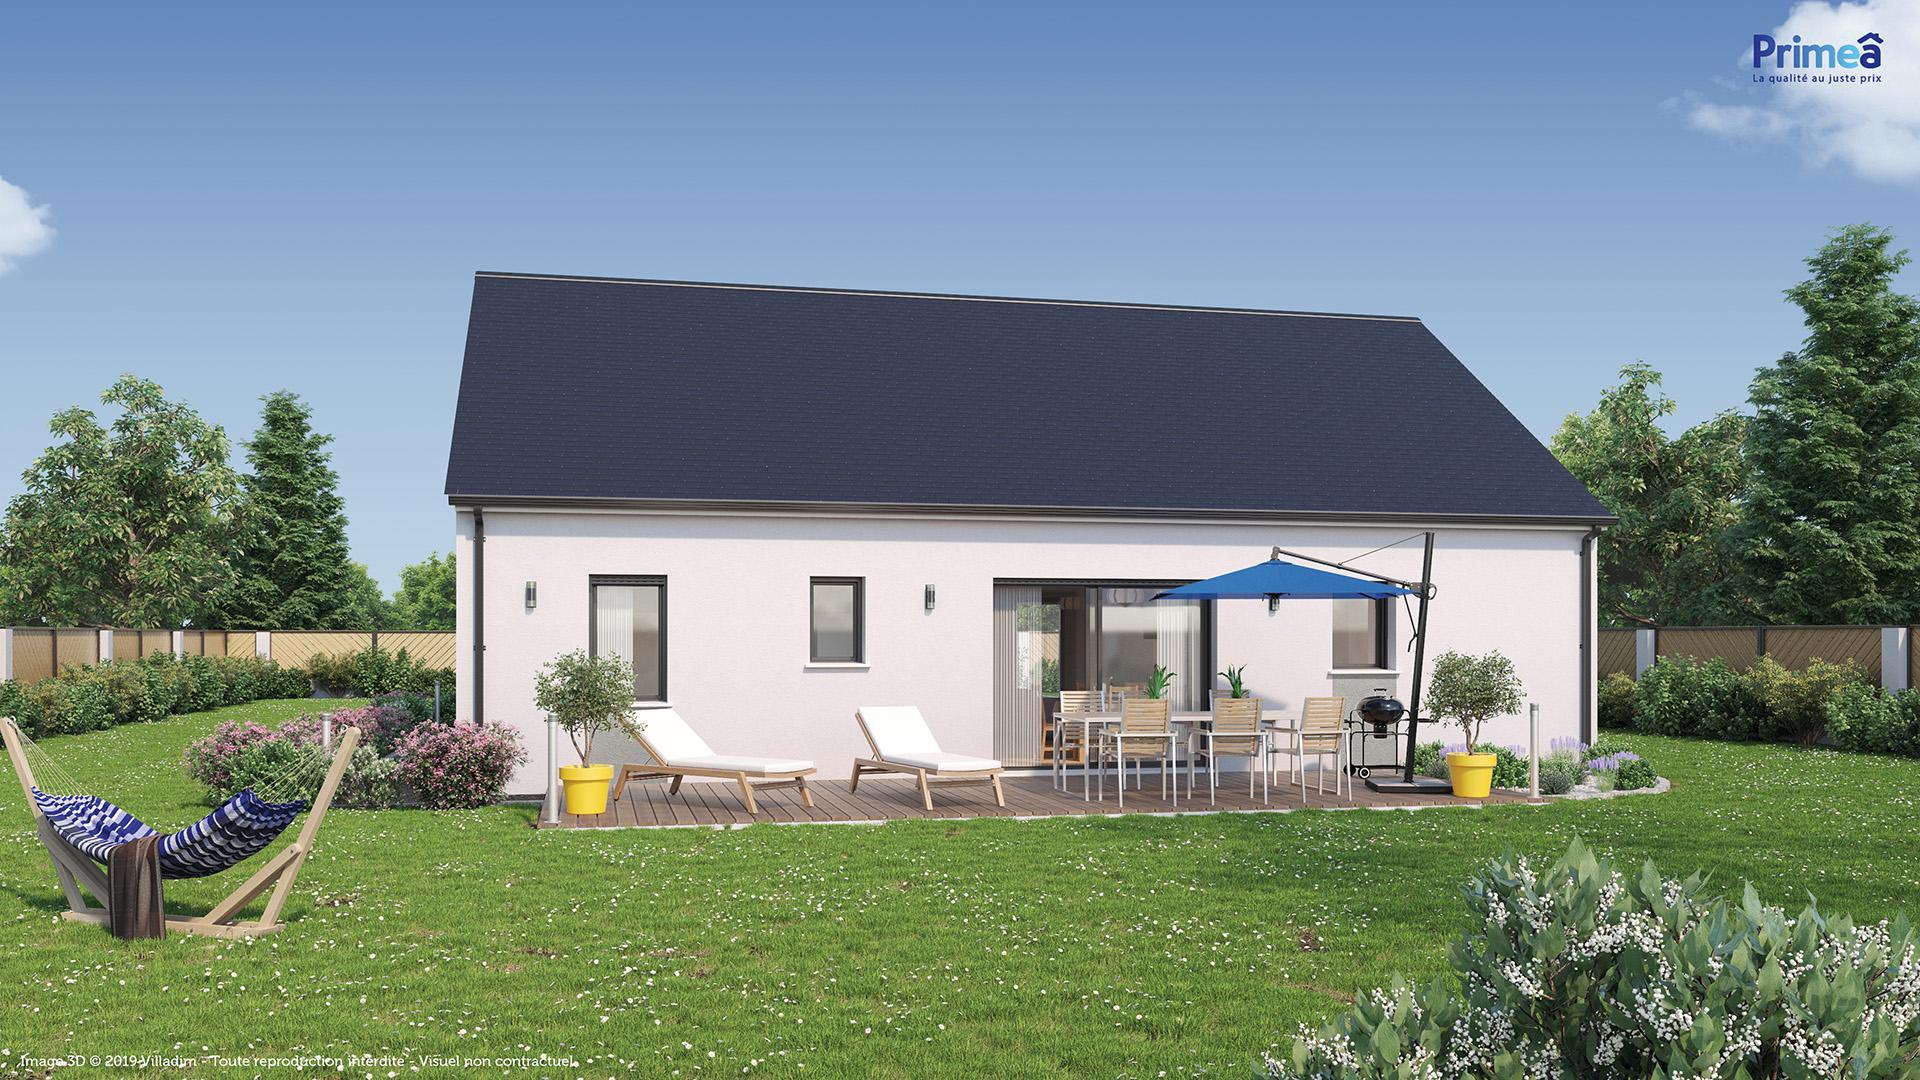 Maison à vendre à Chapelle-Saint-Mesmin